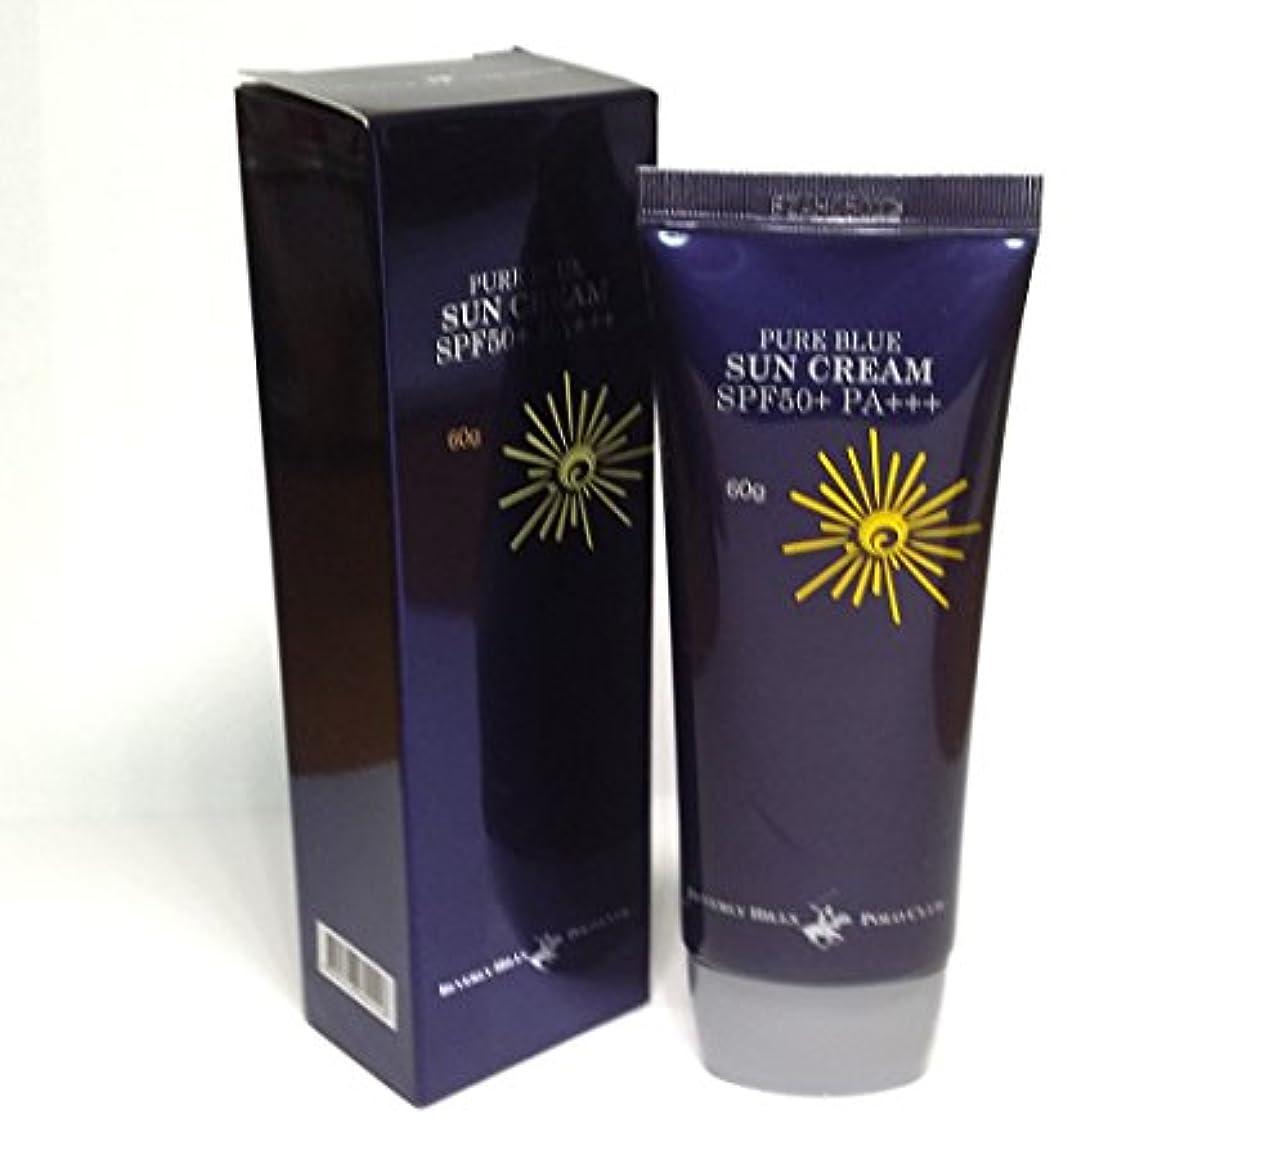 本体揺れる油[BEVERLY HILLS POLO CLUB] ピュアブルーサンクリームSPF50 + PA +++ 60g X 1ea / 韓国化粧品 / Pure Blue Sun Cream SPF50+ PA+++ 60g...